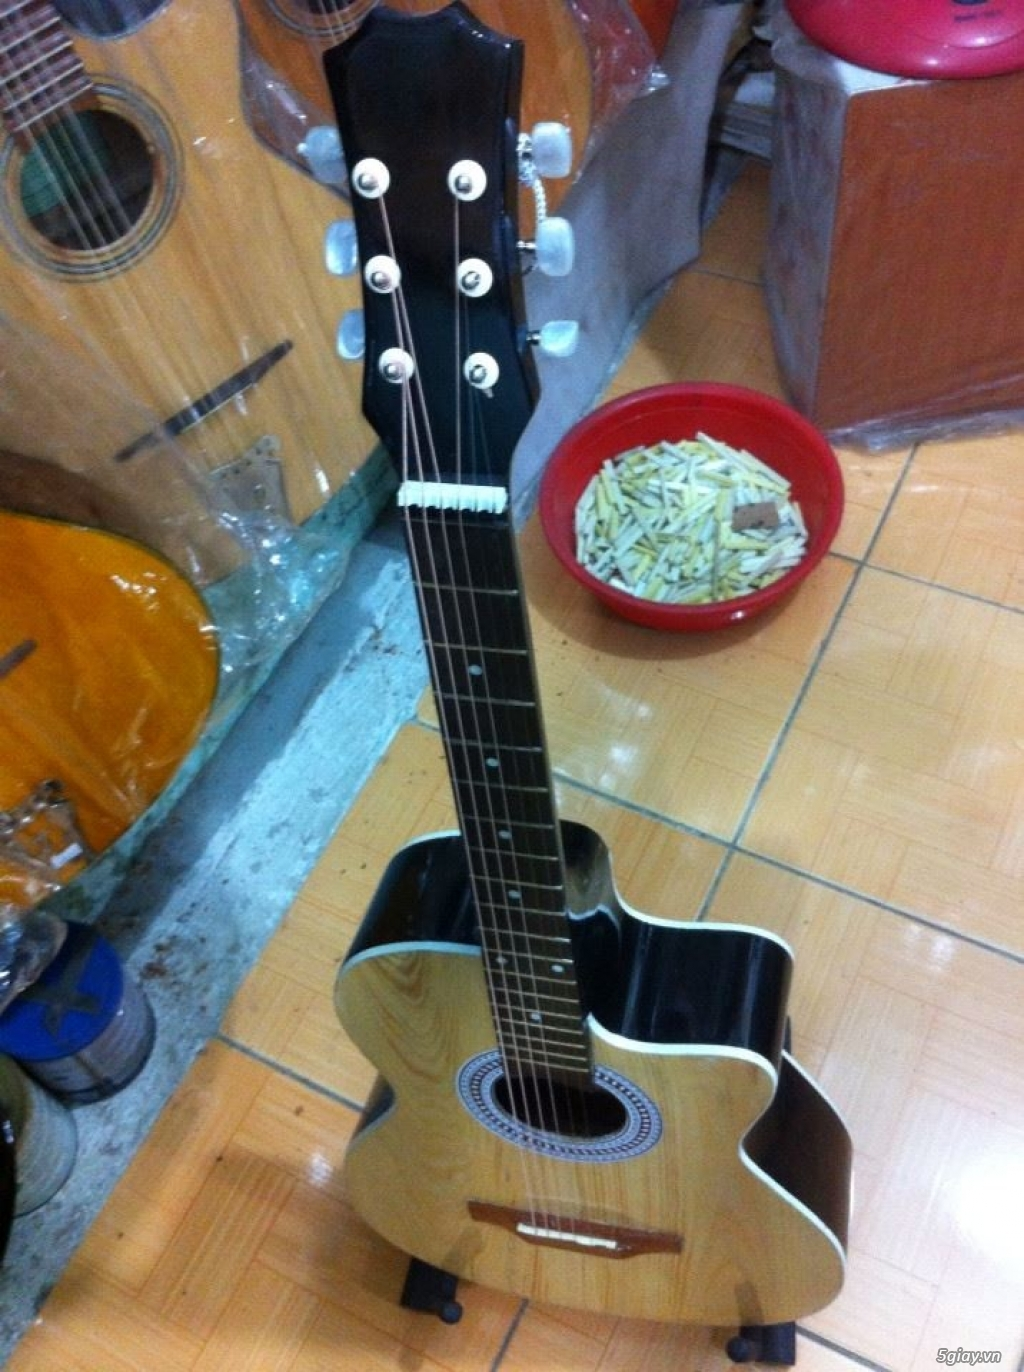 bán Đàn Guitar Giá Rẻ từ 390k tại cửa hàng nhạc cụ mới Bình Dương - 7